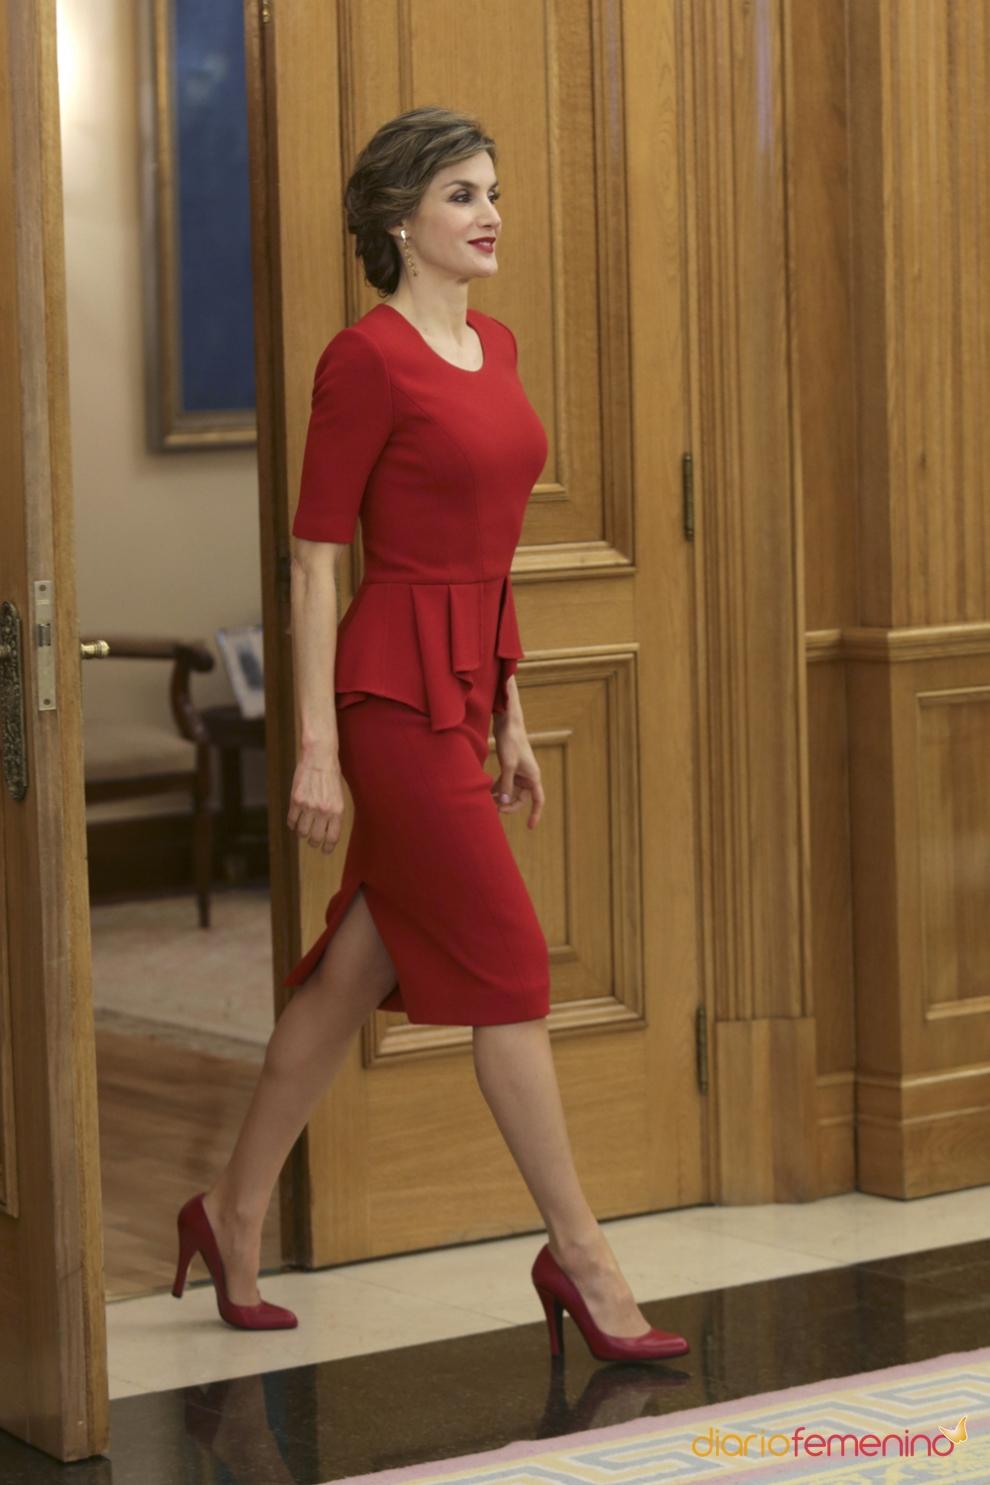 de bodas de mañana: un traje rojo con peplum como Letizia